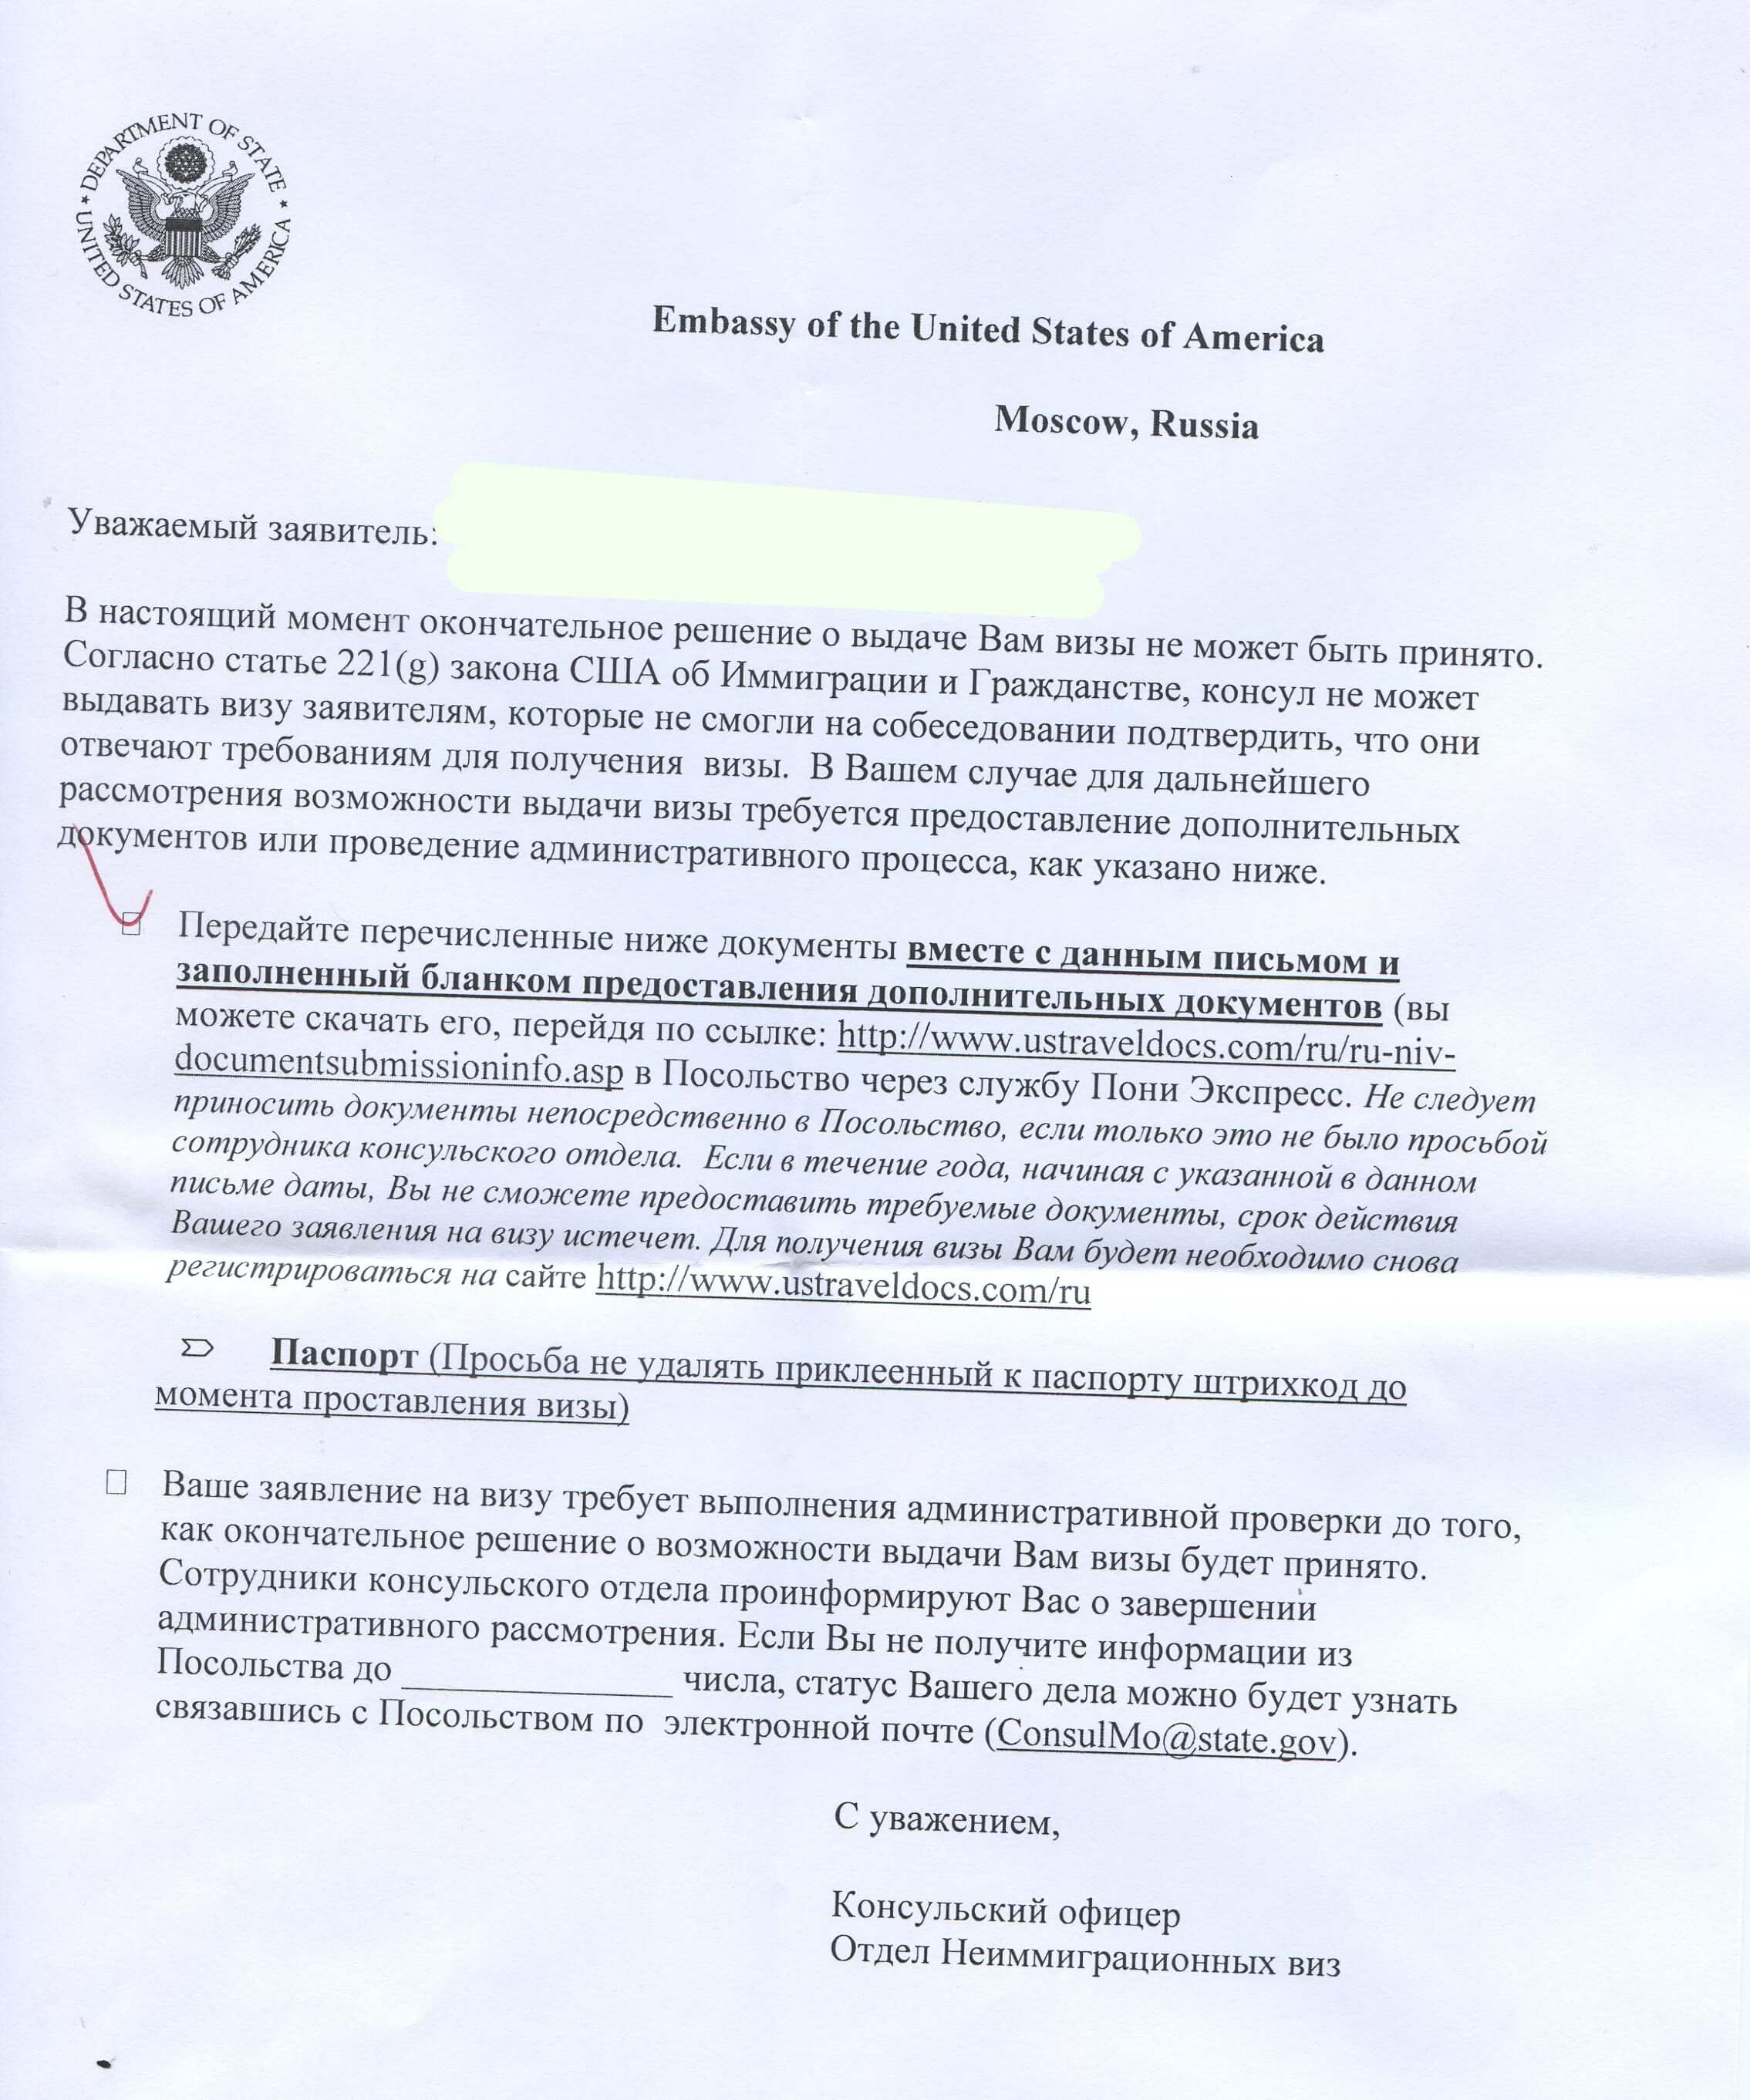 увидел, Письмо в консульство образец Олвин совсем